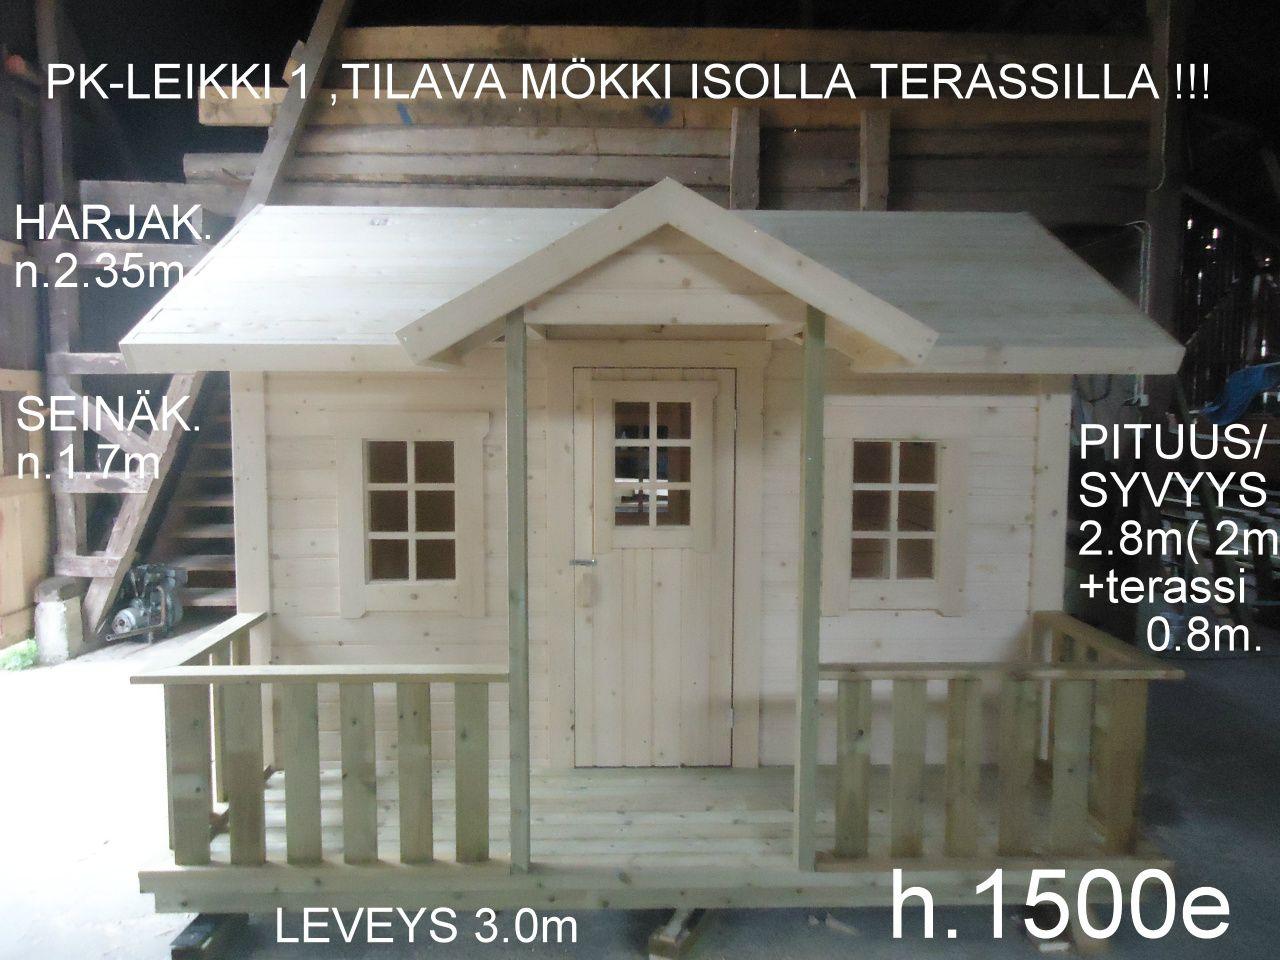 LEIKKI 1 (6m2+ 2.4m2 - www.pkpiharakennus.fi